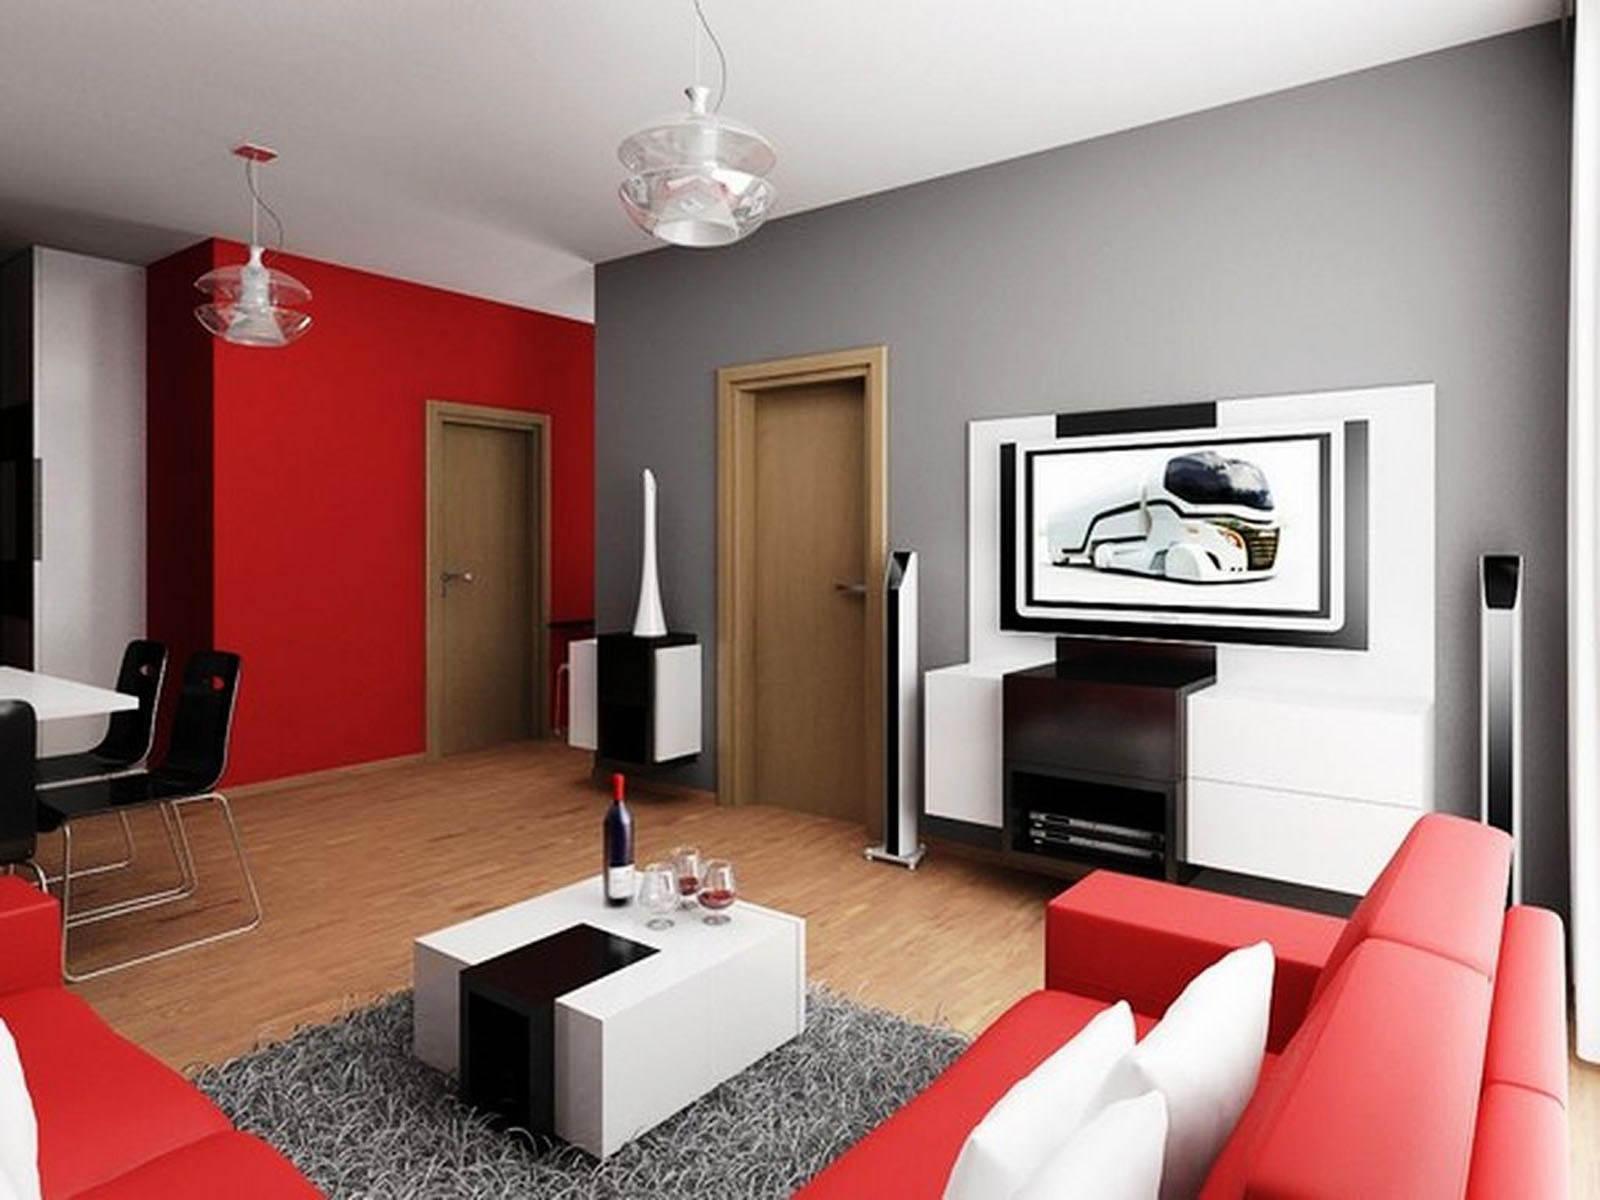 Cat Dinding Ruang Tamu Kombinasi Warna Merah dan Abu-abu